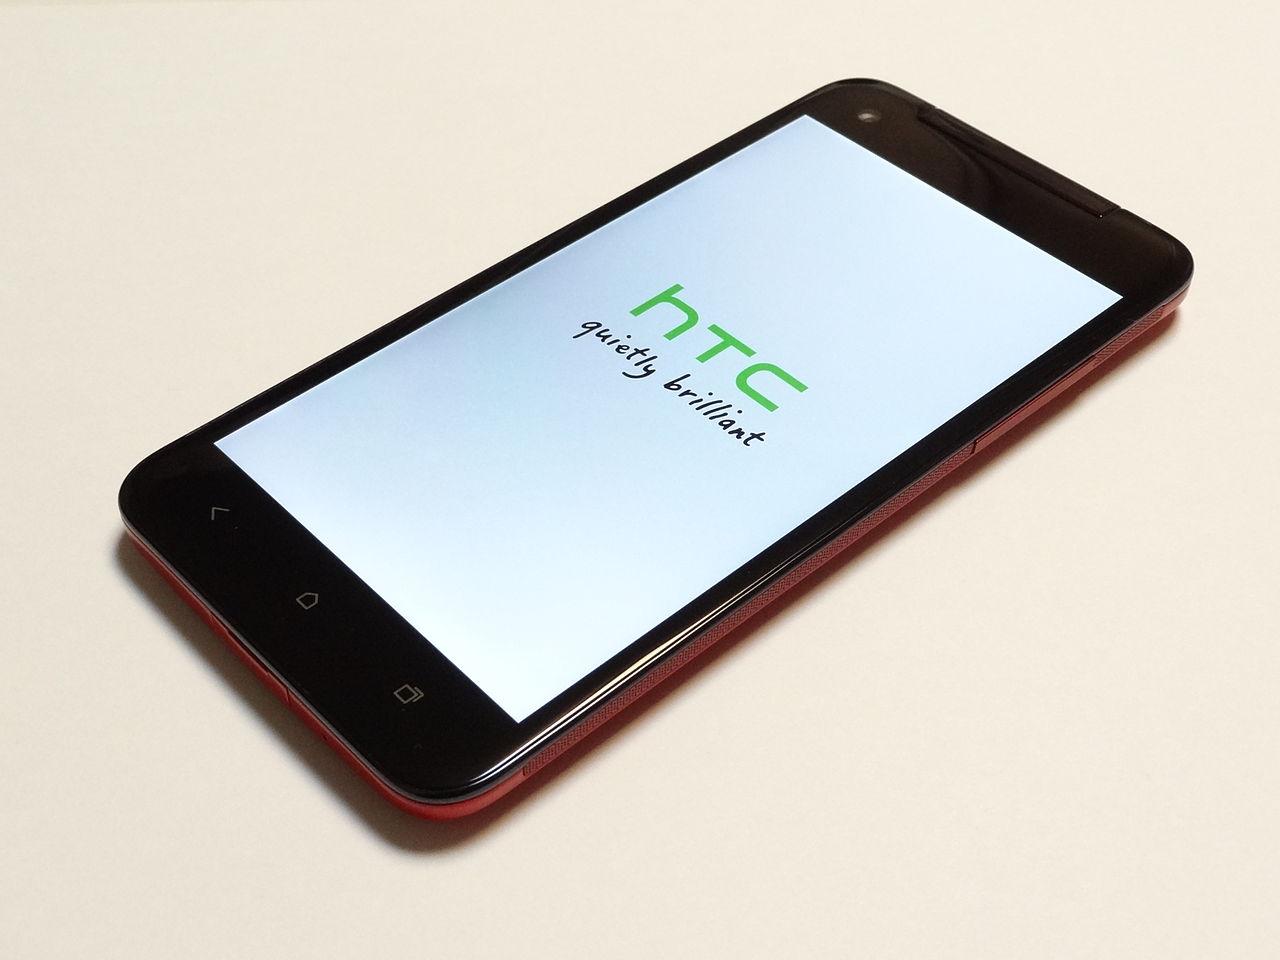 HTC vervangt Sense door stock-Android bij entry-level smartphones